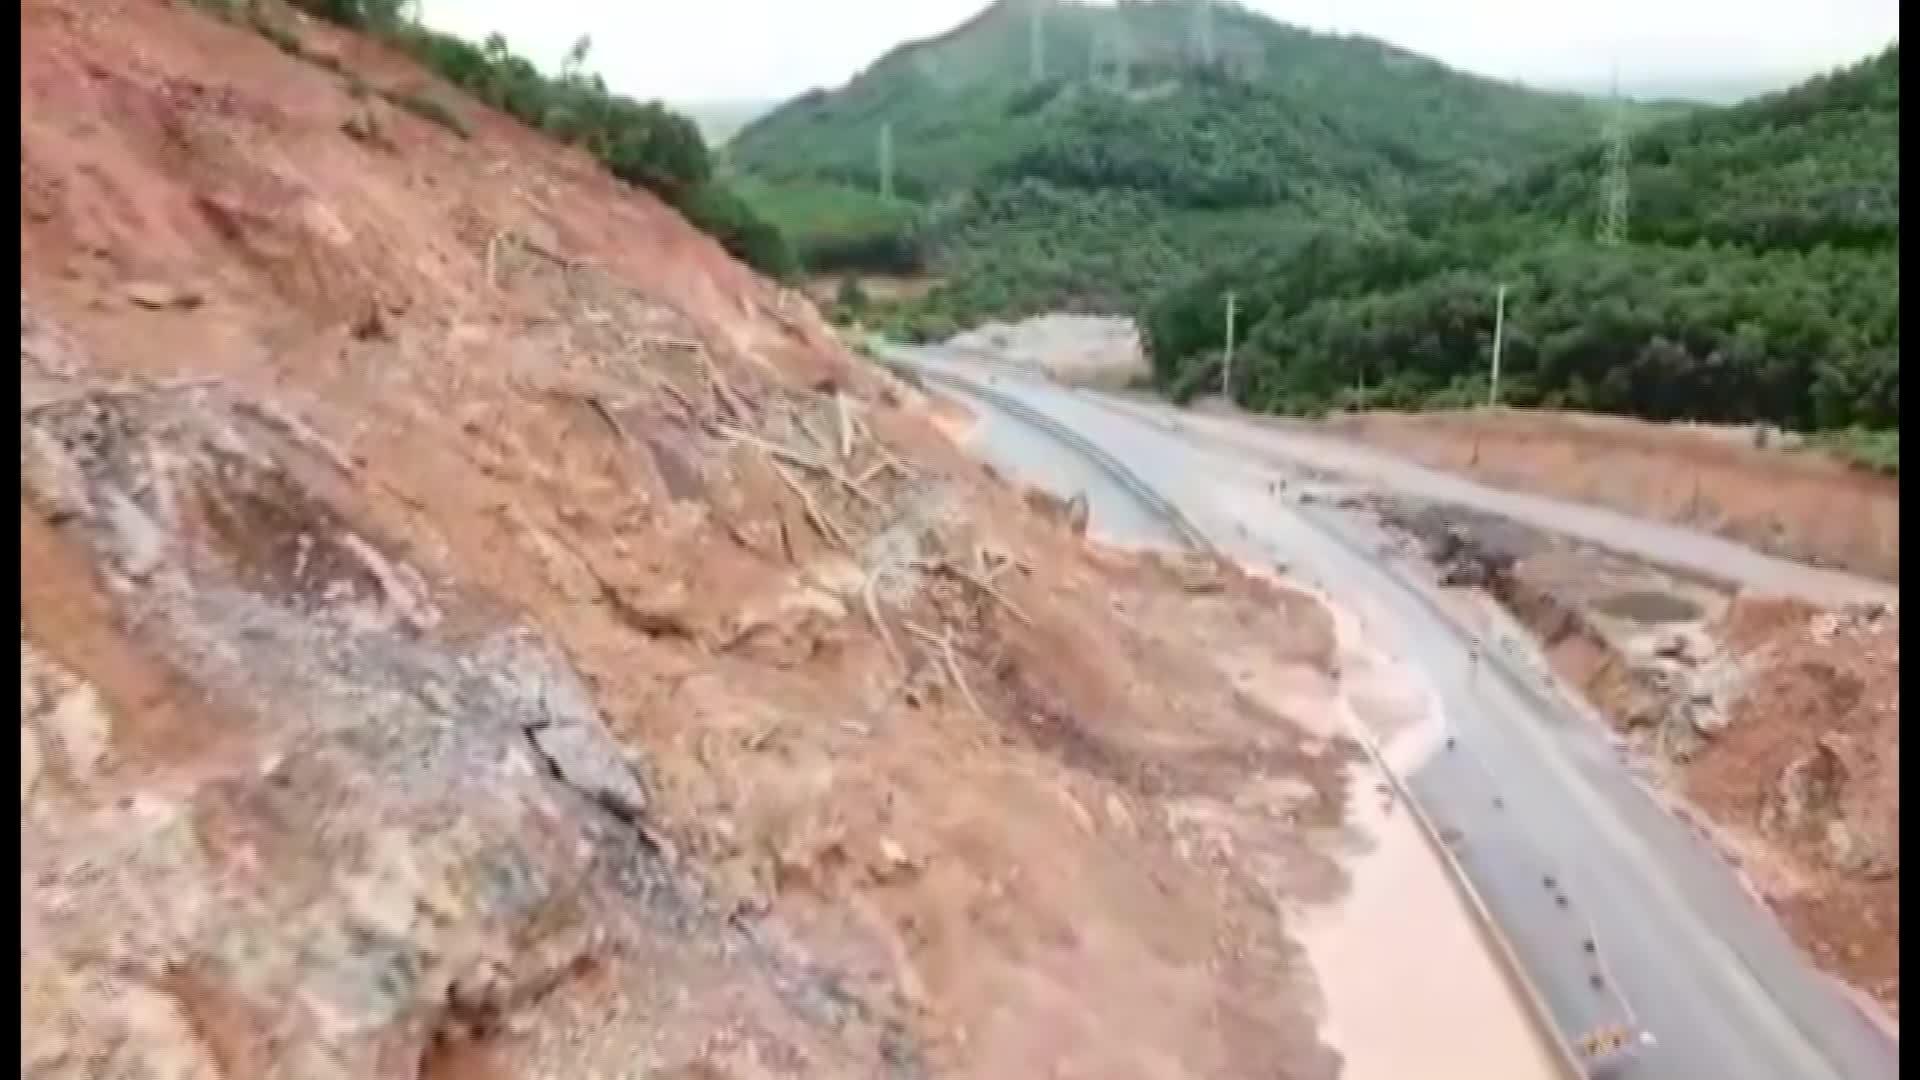 Cao tốc 12 nghìn tỷ ở Quảng Ninh tiếp tục sạt lở